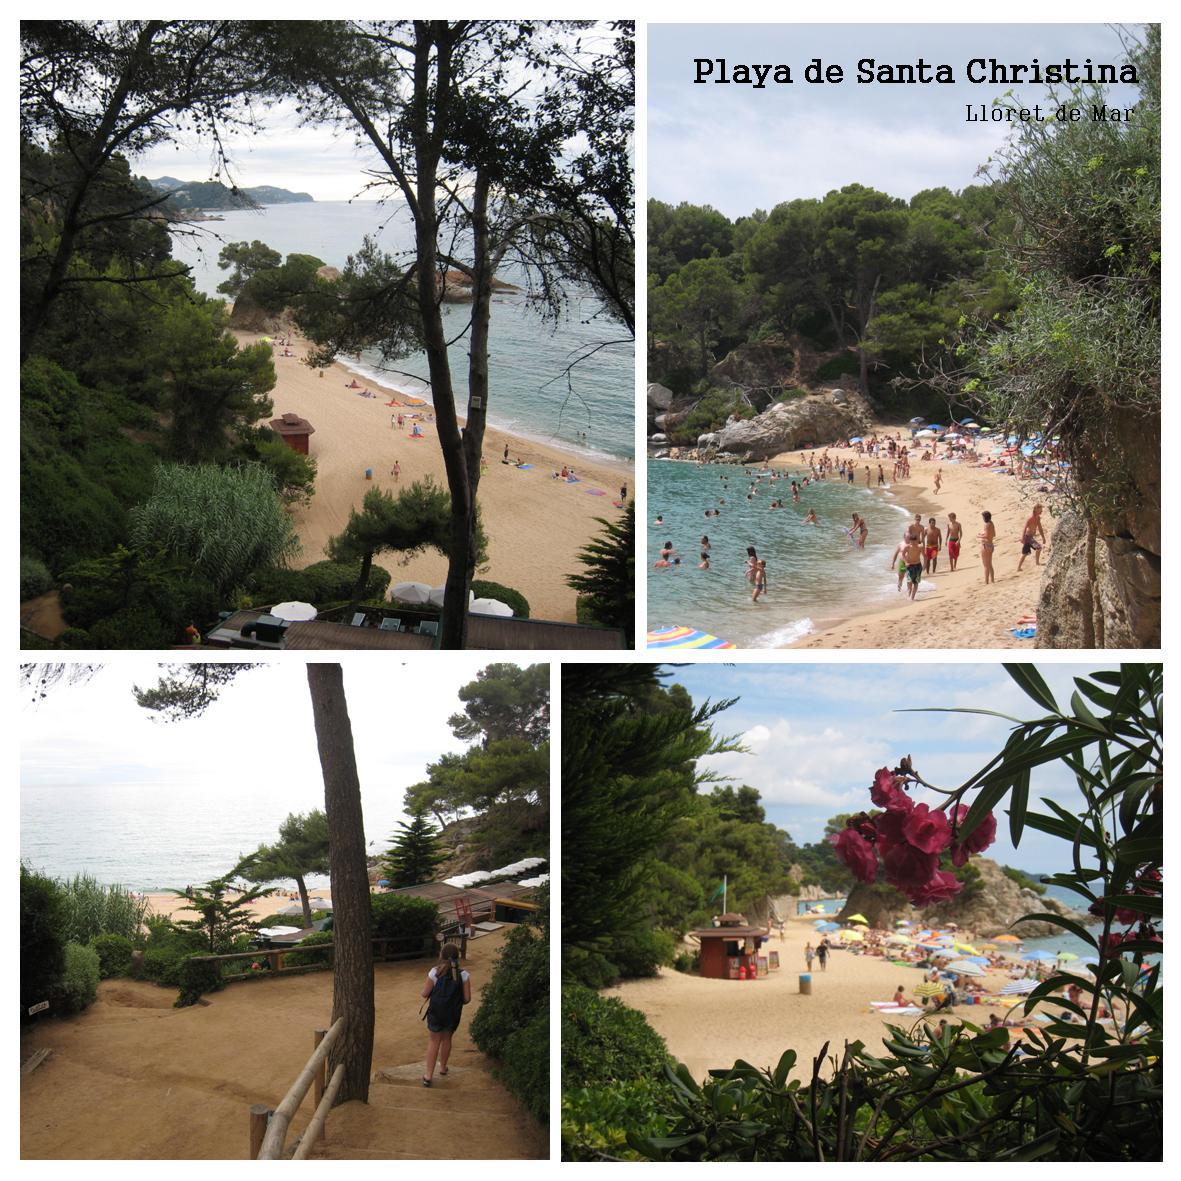 Santa Christina Costa Brava